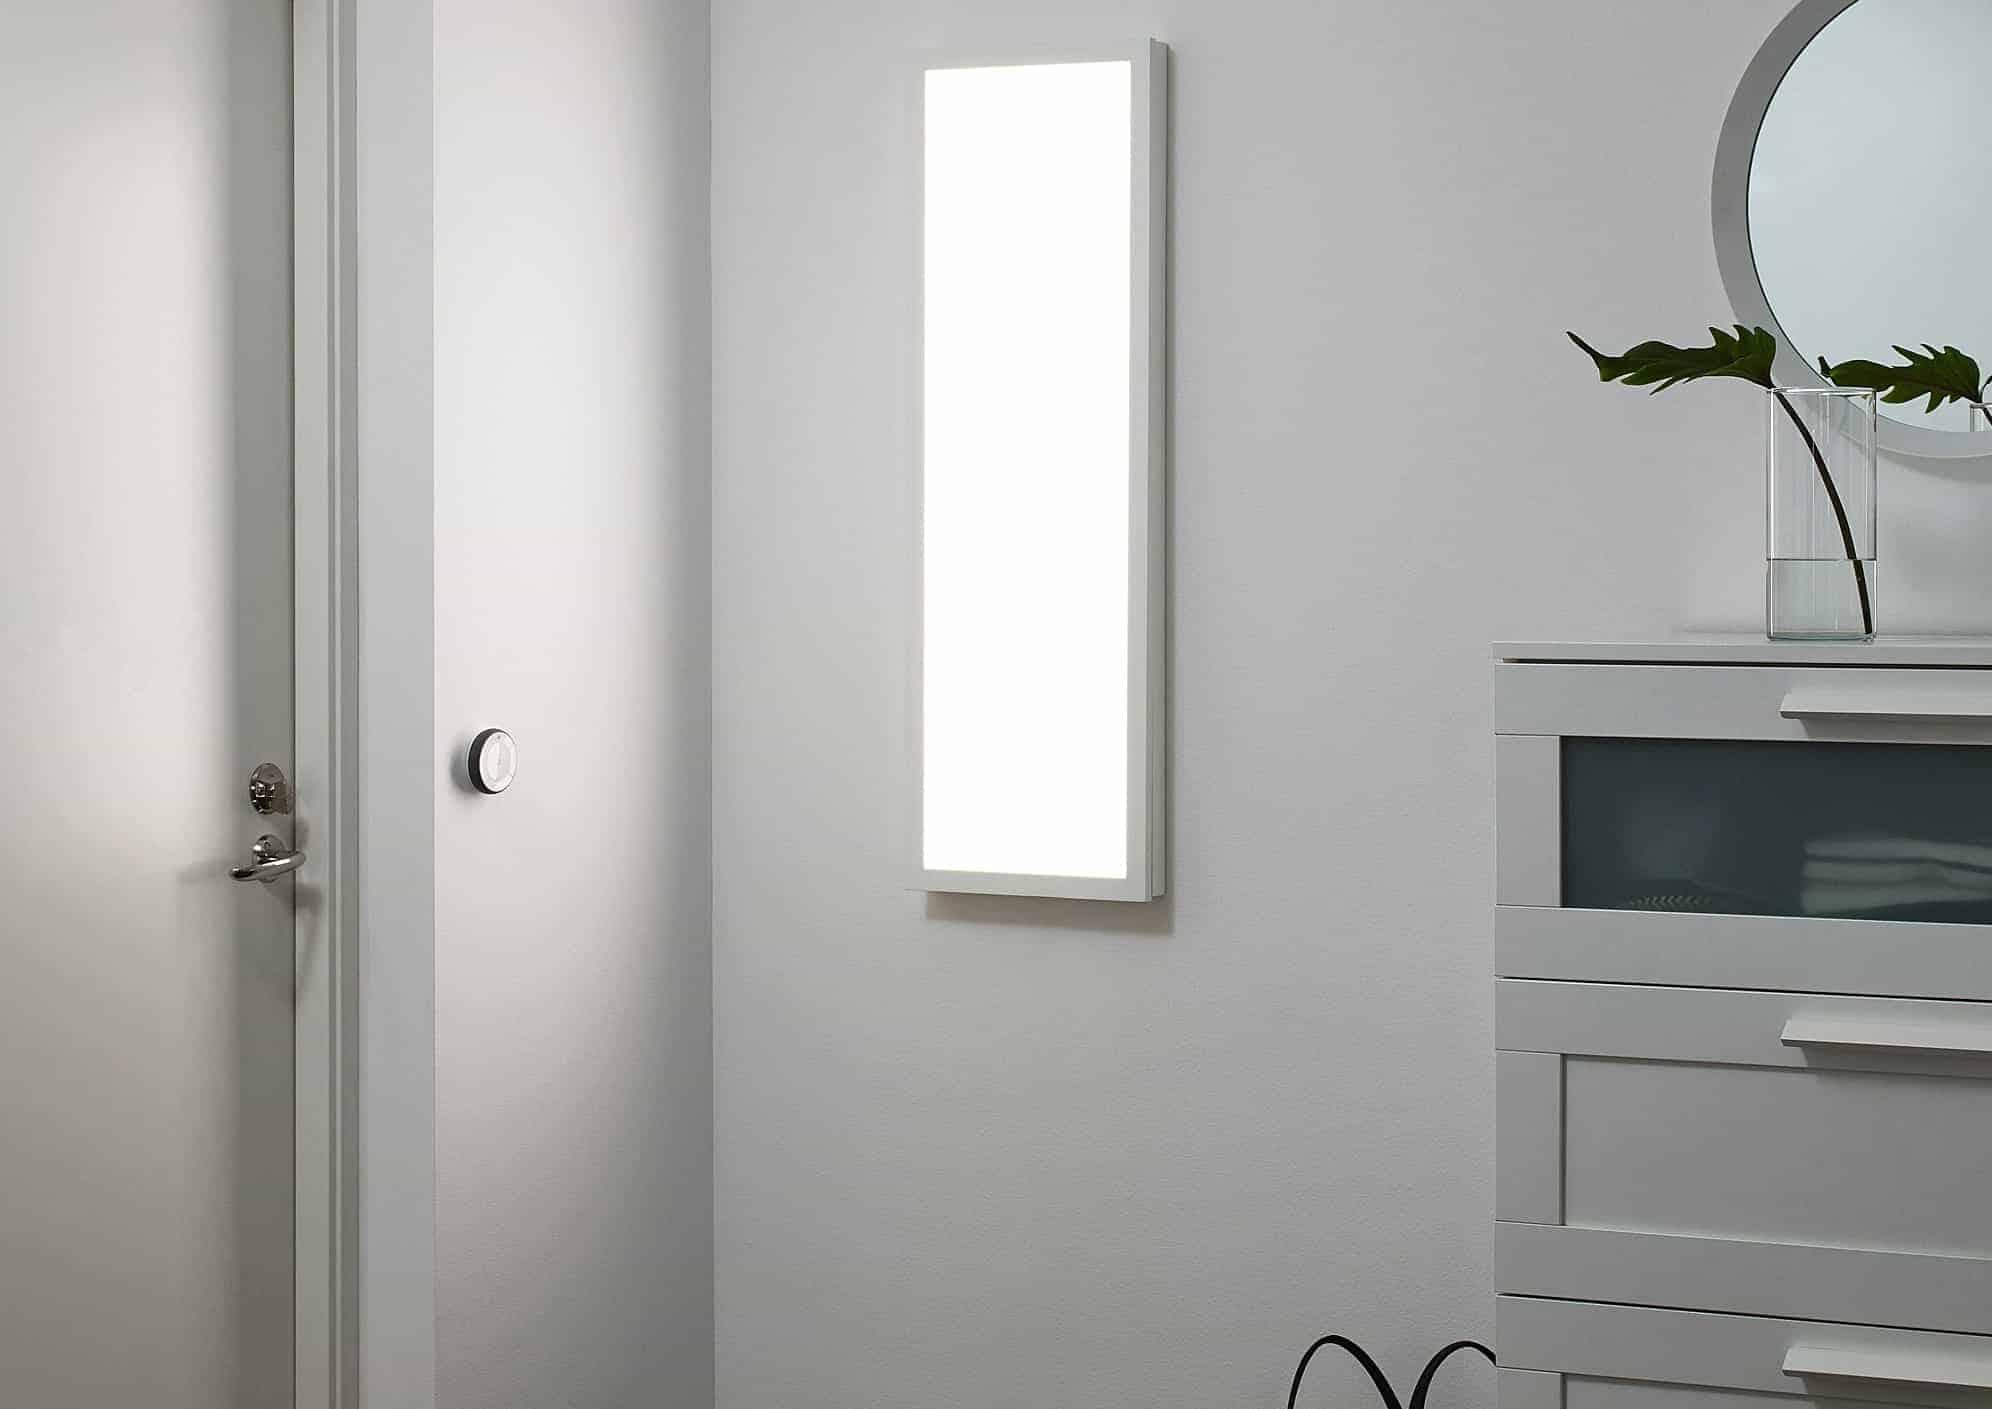 IKEA FLOALT Smart Lighting Fixture